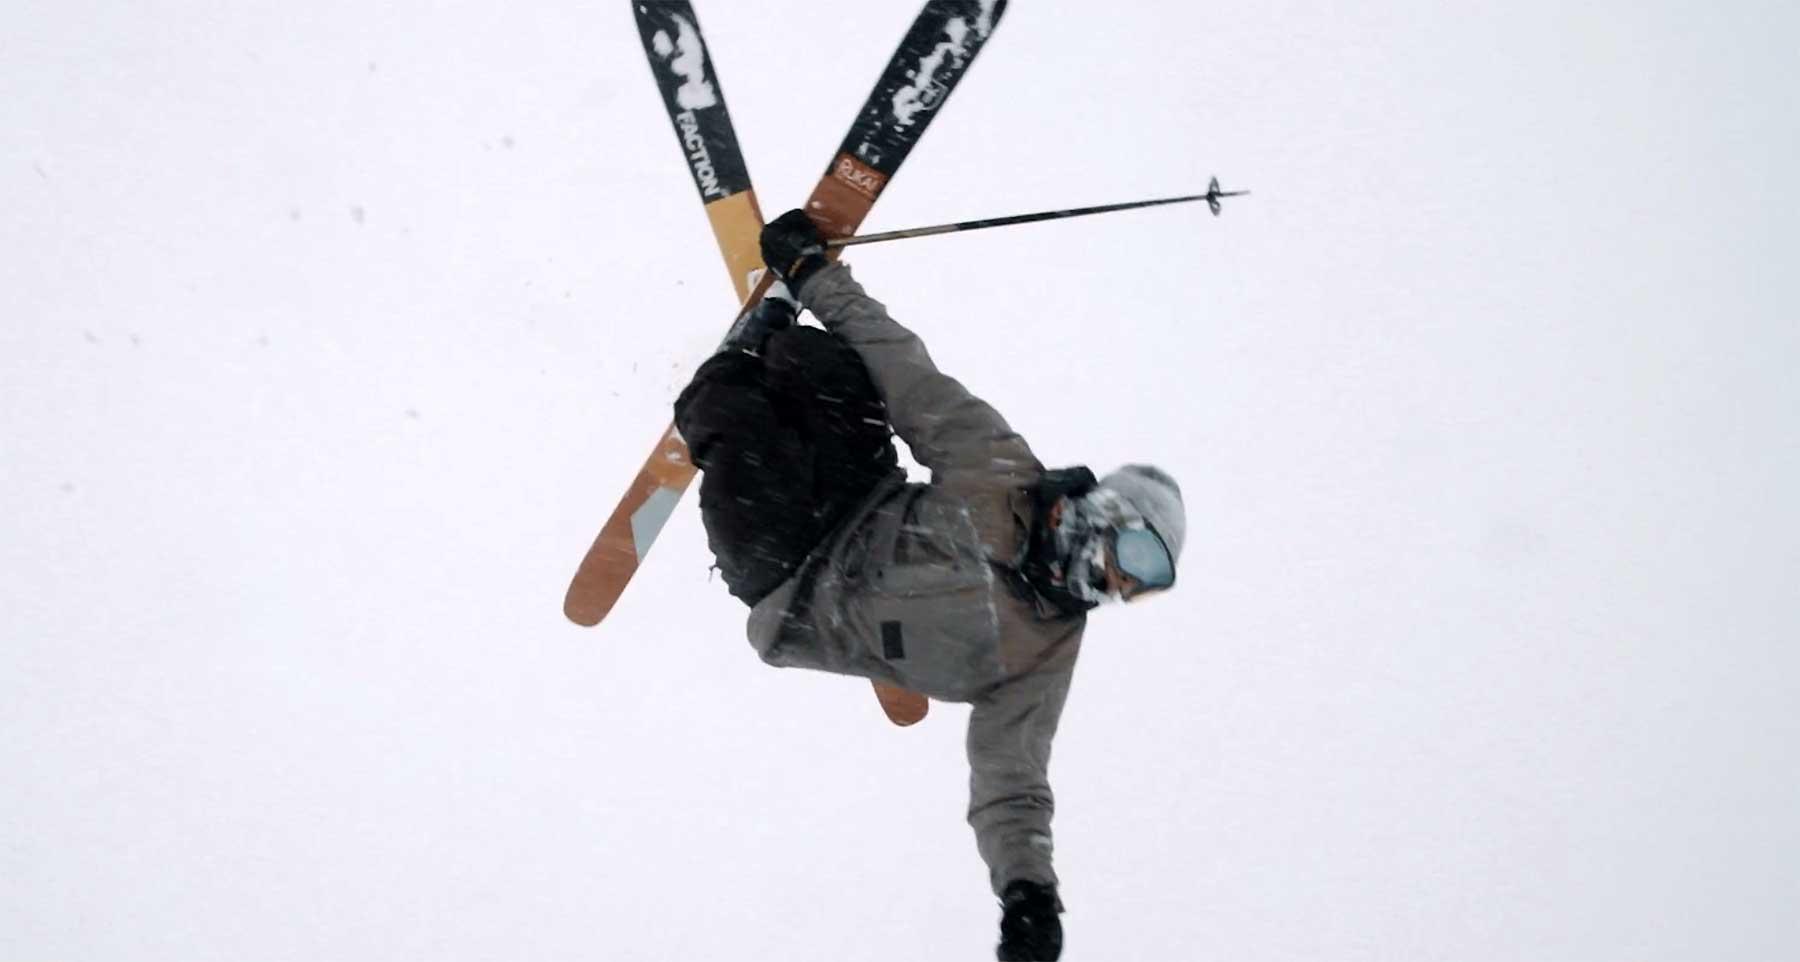 Ein richtig cool inszenierter Ski-Film